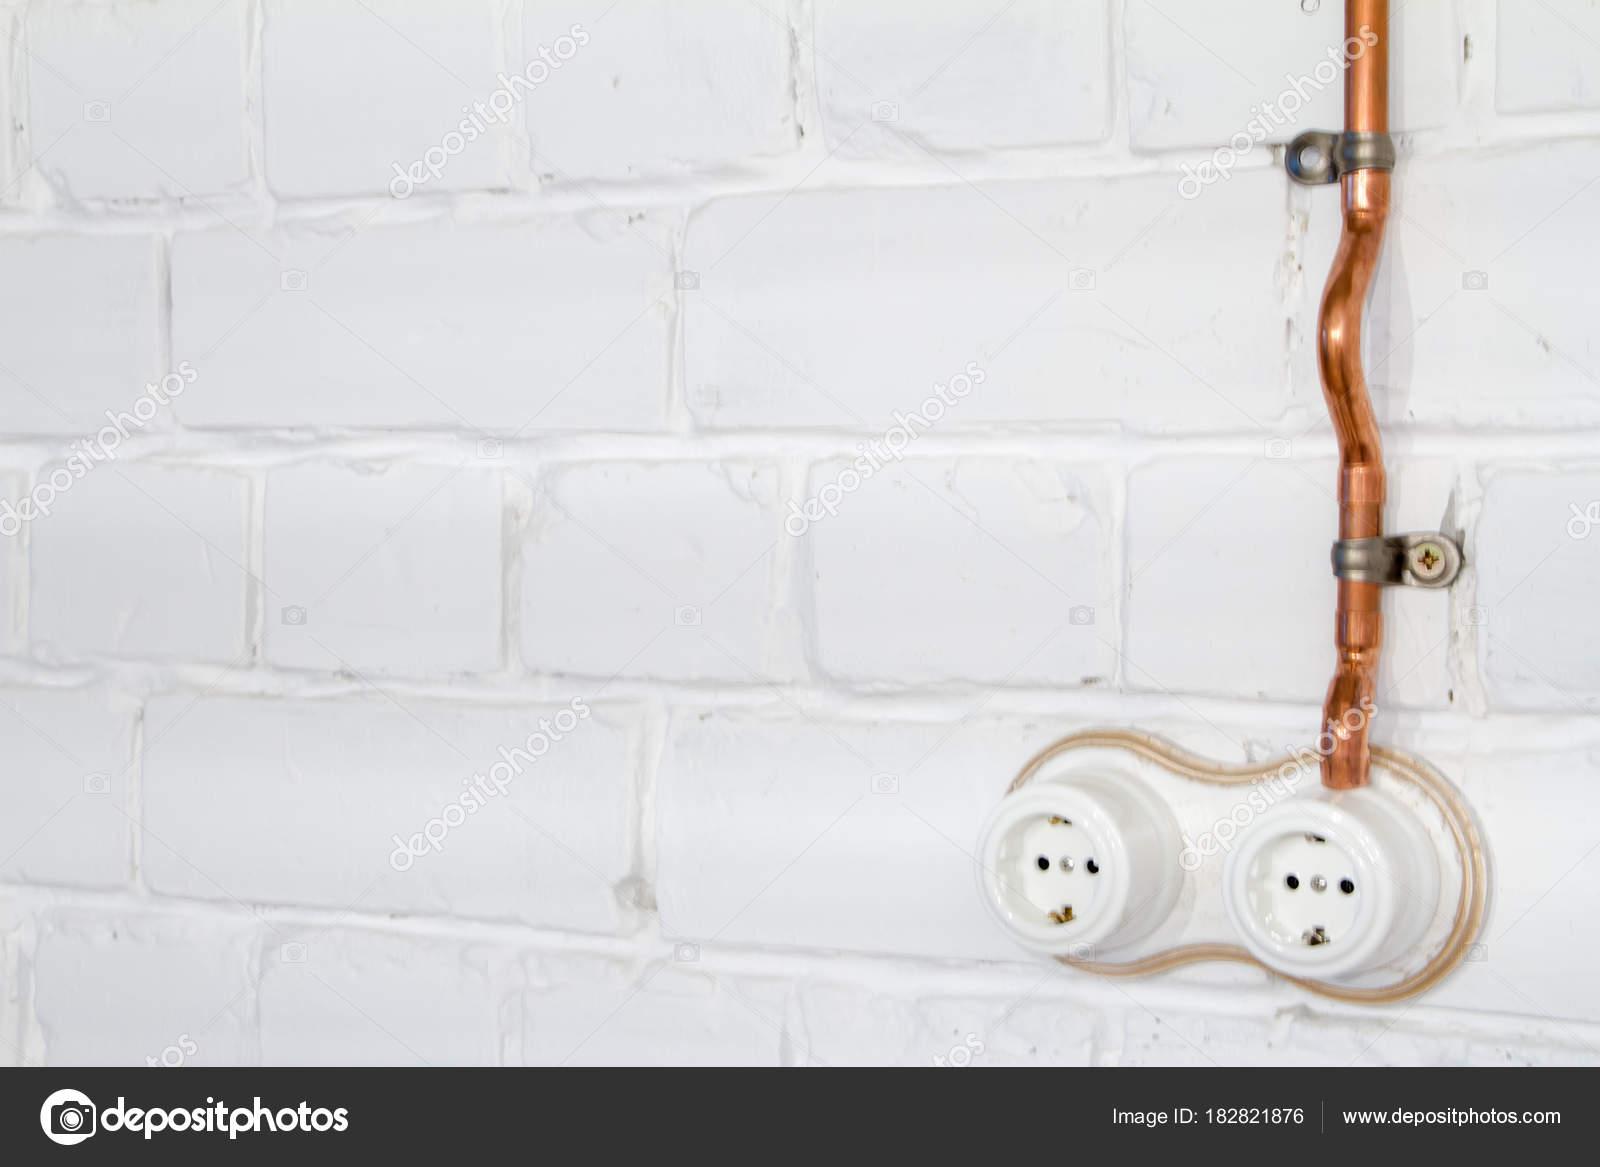 Ein Vintage Outlet und elektrische Verdrahtung in einem Kupferrohr ...